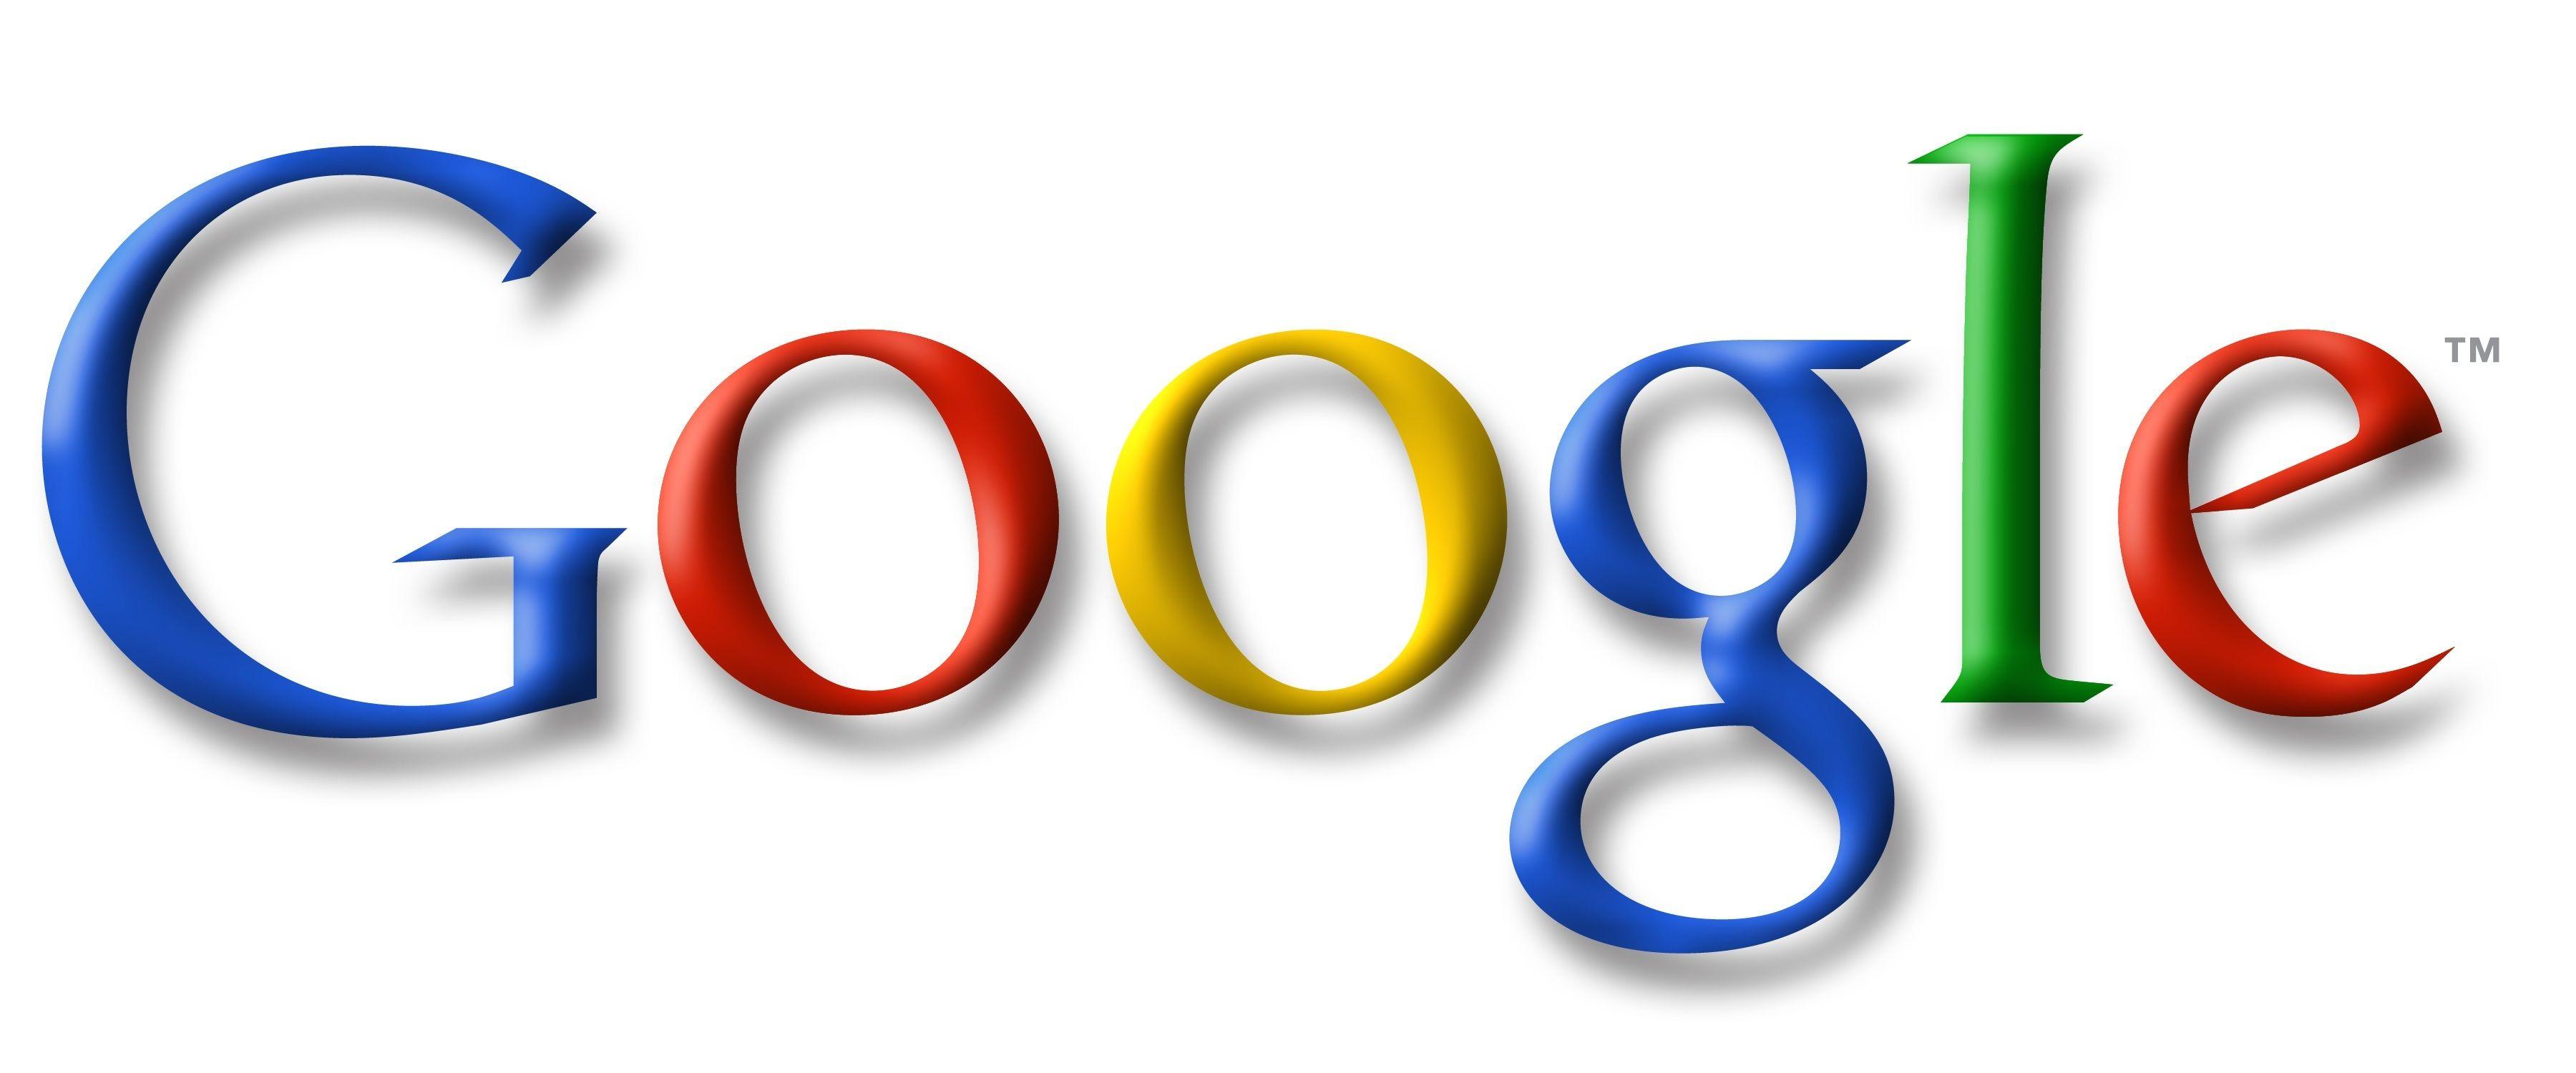 Google-Logo-40.jpg?nocache=1368358549611